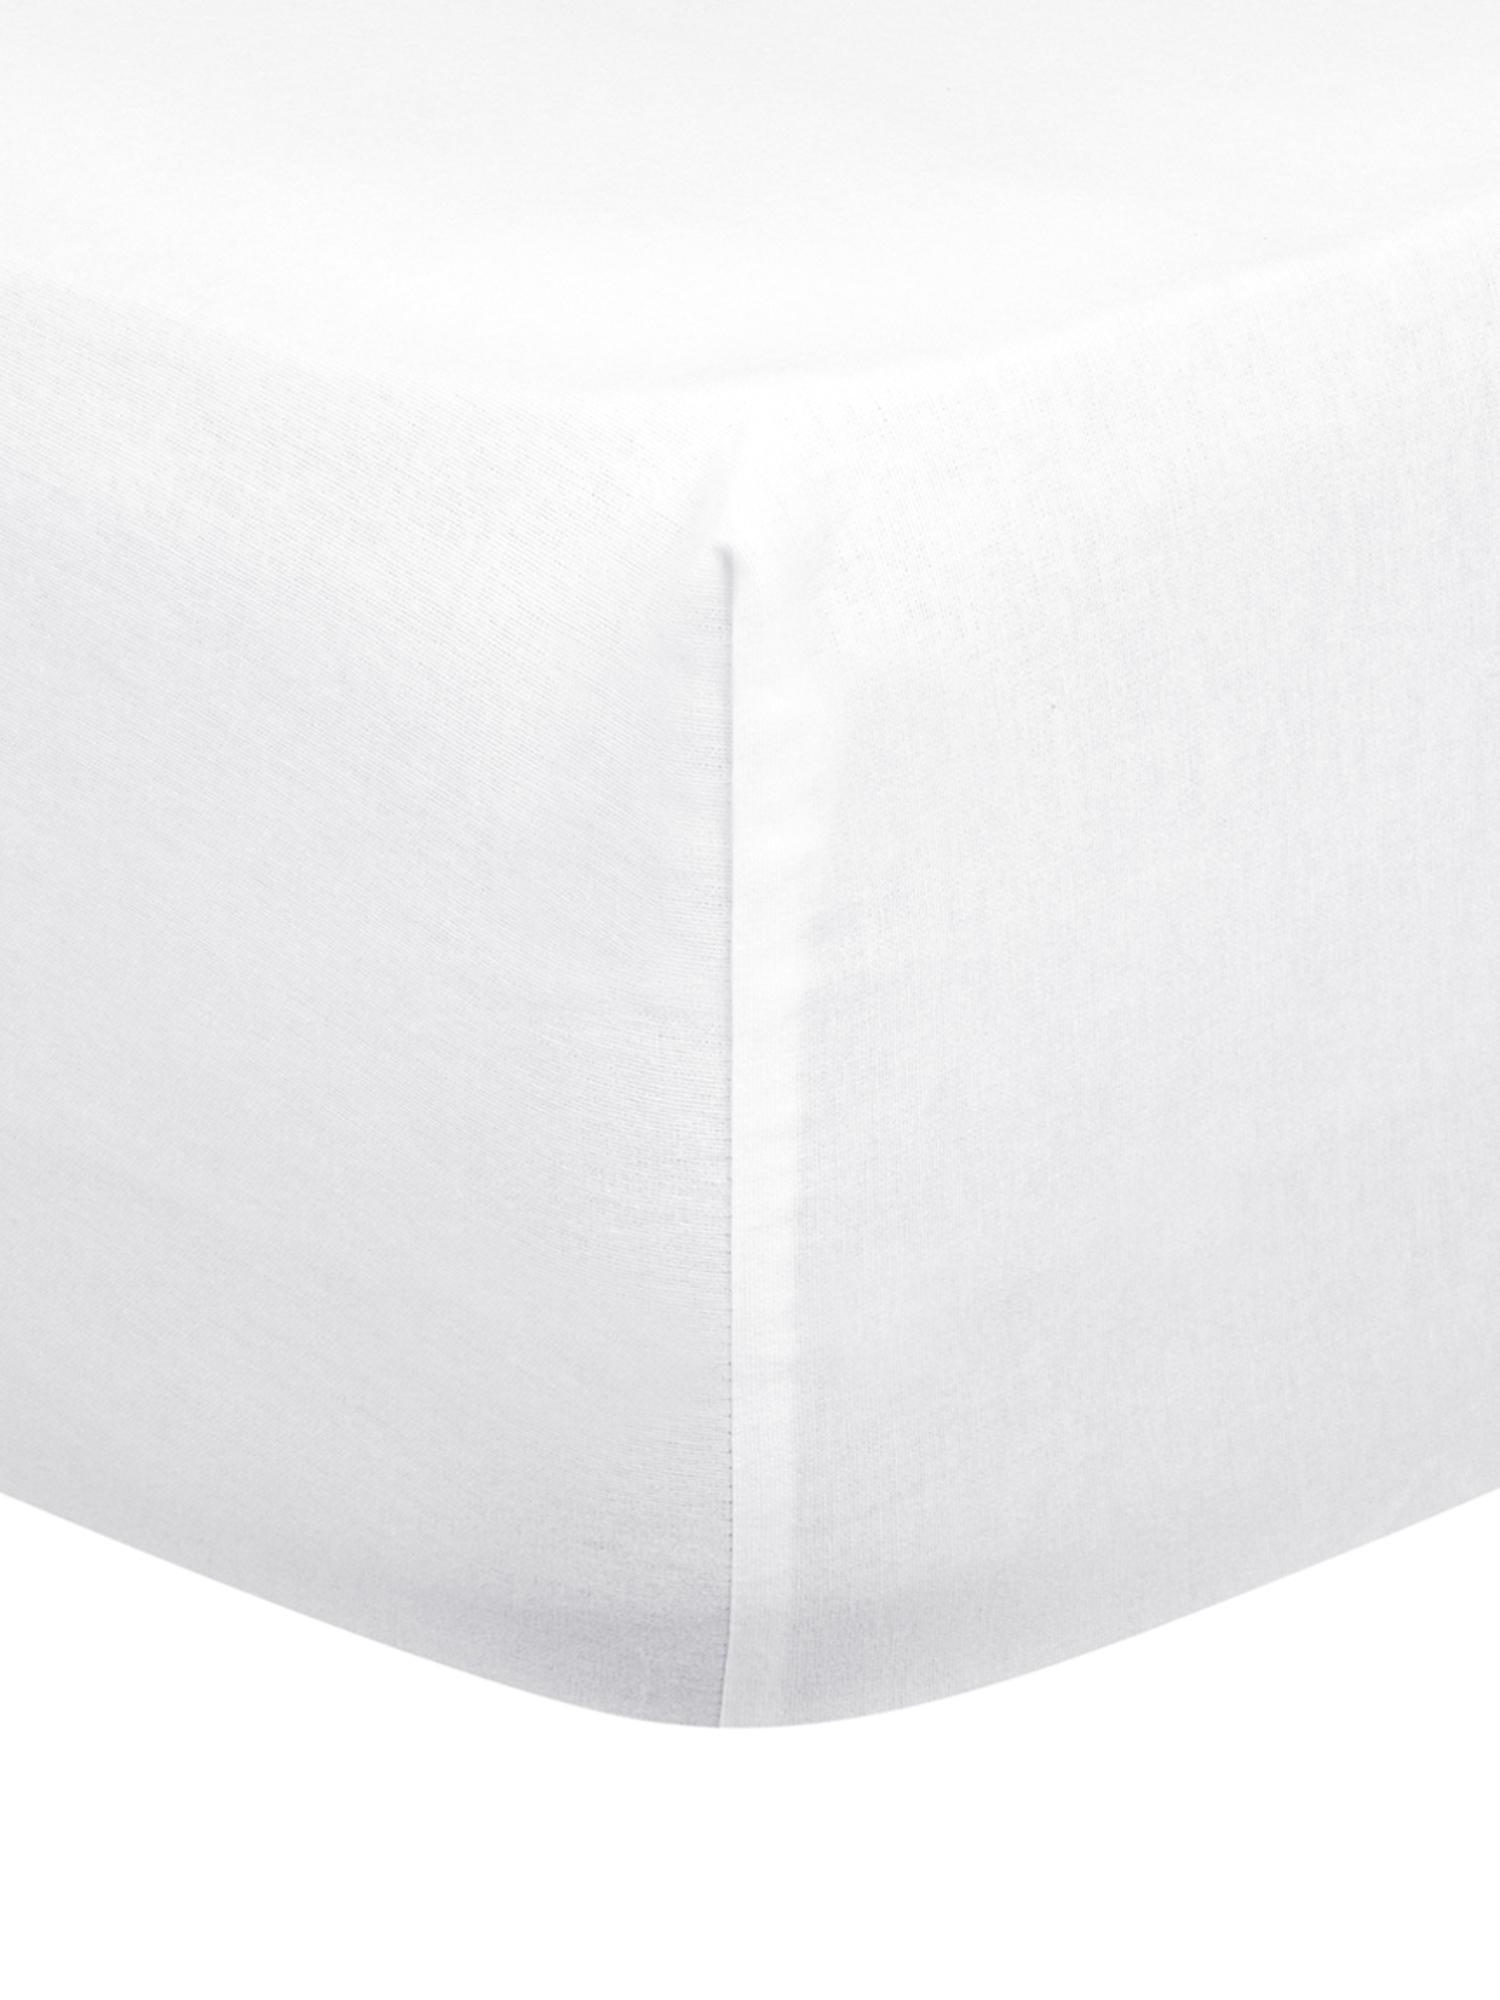 Spannbettlaken Biba in Weiss, Flanell, Webart: Flanell, Weiss, 90 x 200 cm